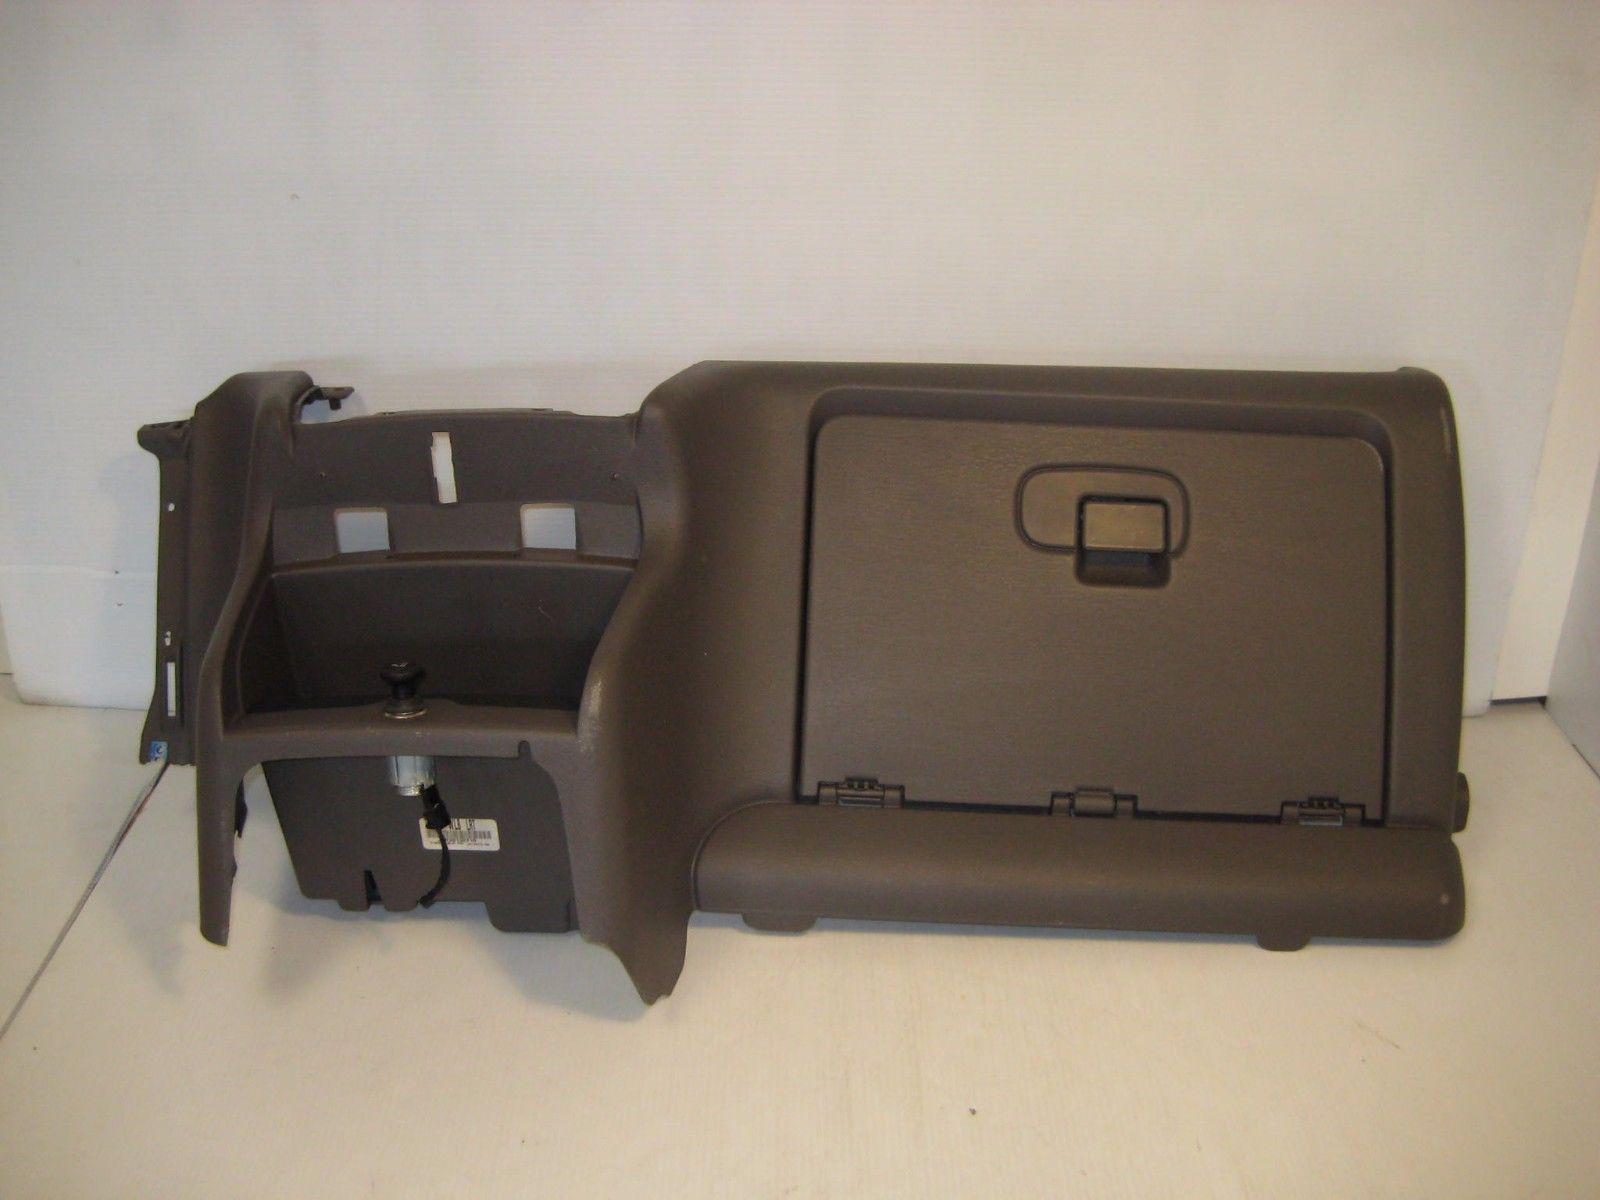 2003 chrysler sebring dashboard with glove box and lighter. Black Bedroom Furniture Sets. Home Design Ideas